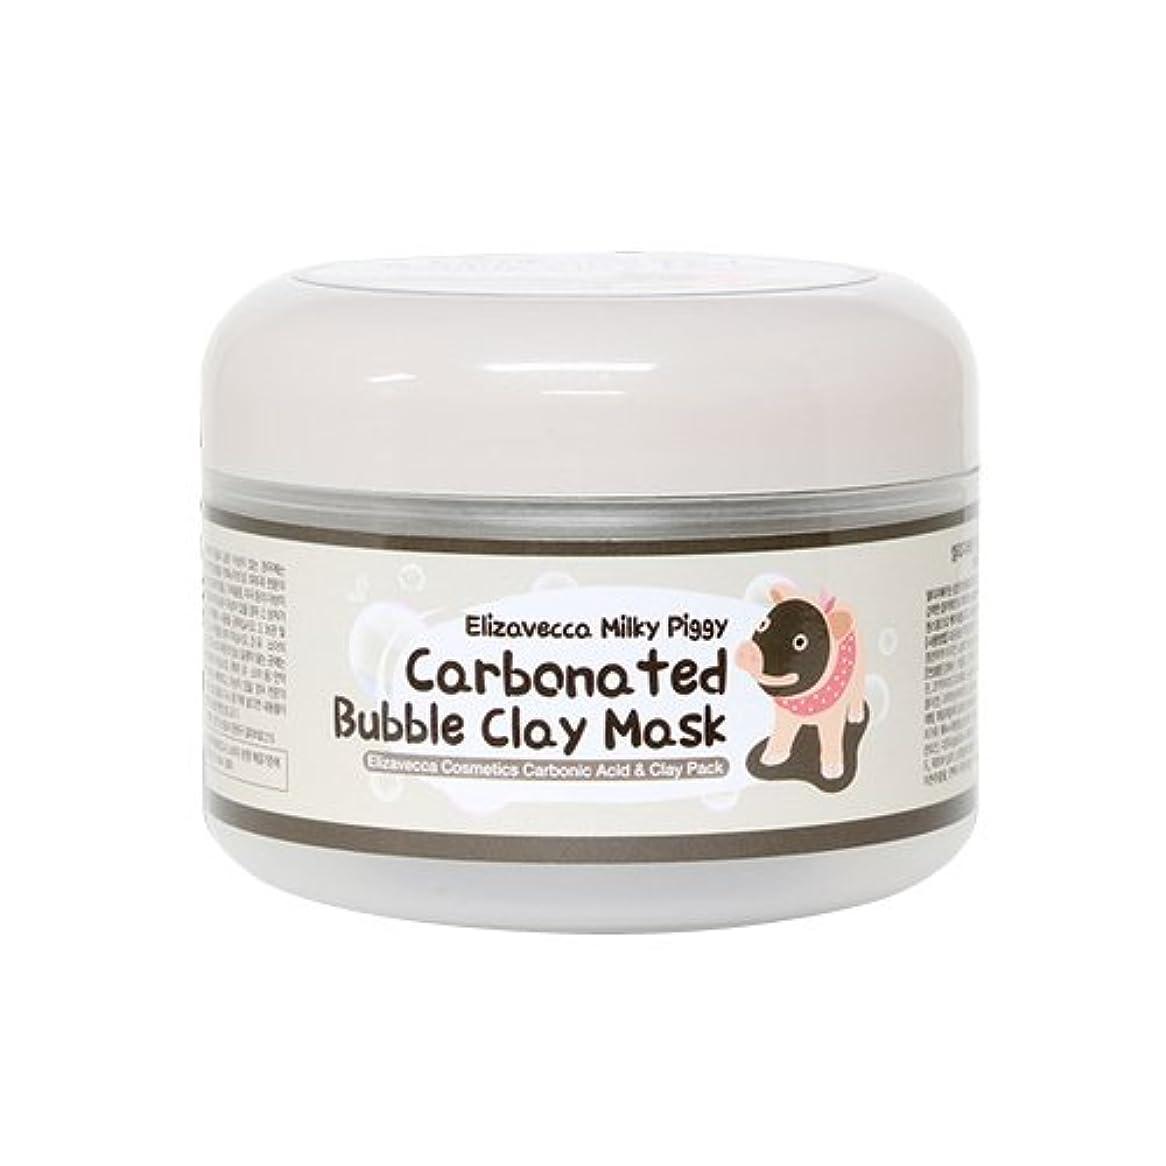 境界マウス打ち上げる[Elizaecca/エリザベカ/SESALO]炭酸バブルクレイマスク/Carbanated bubble clay mask[海外直送品]